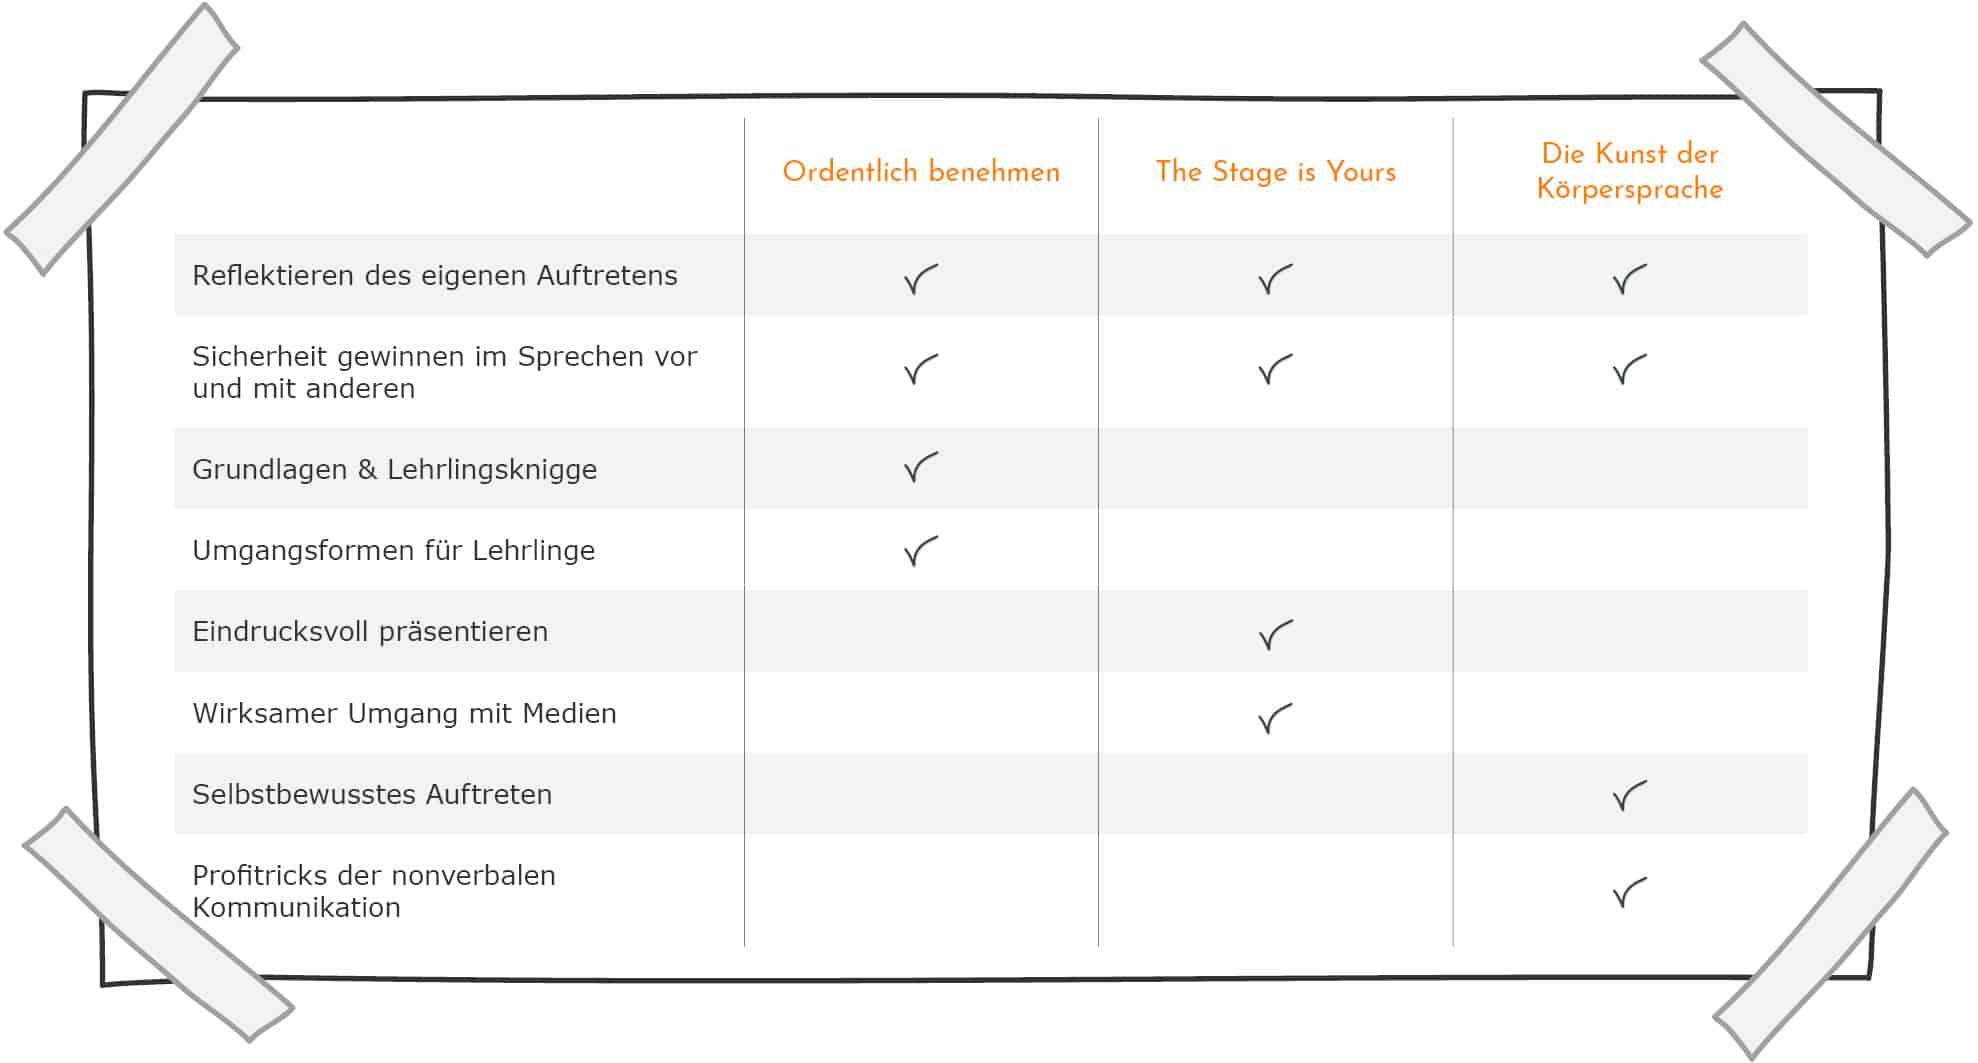 Auftreten & Präsentation - Inhalte im Vergleich